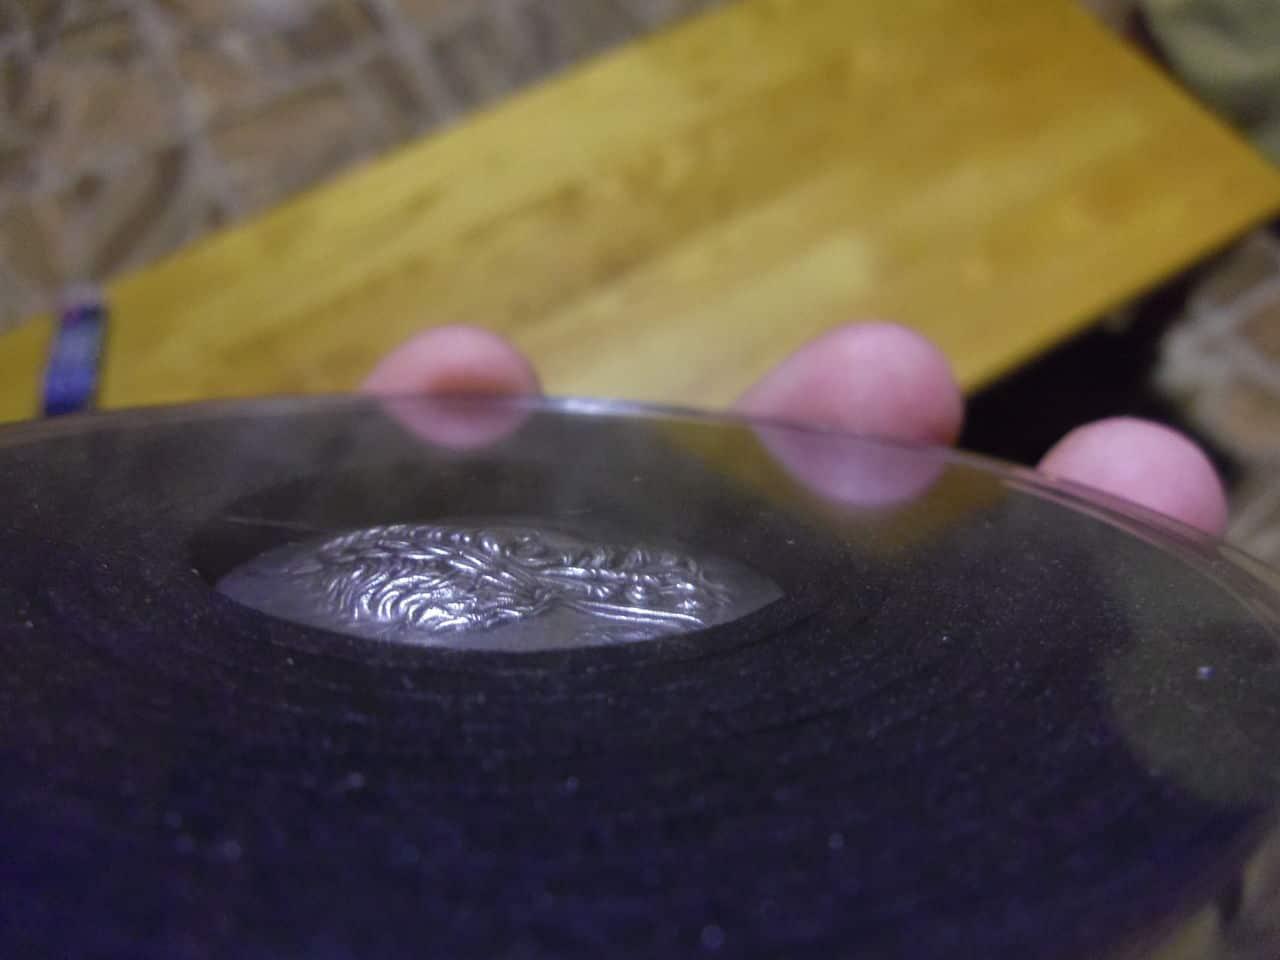 Nuevas Cápsulas de monedas CAPS XL de Leuchtturm. ¡Al fin hay capsulas para las monedas Griegas Clásicas y para medallas de gran tamaño!. IMGP6699